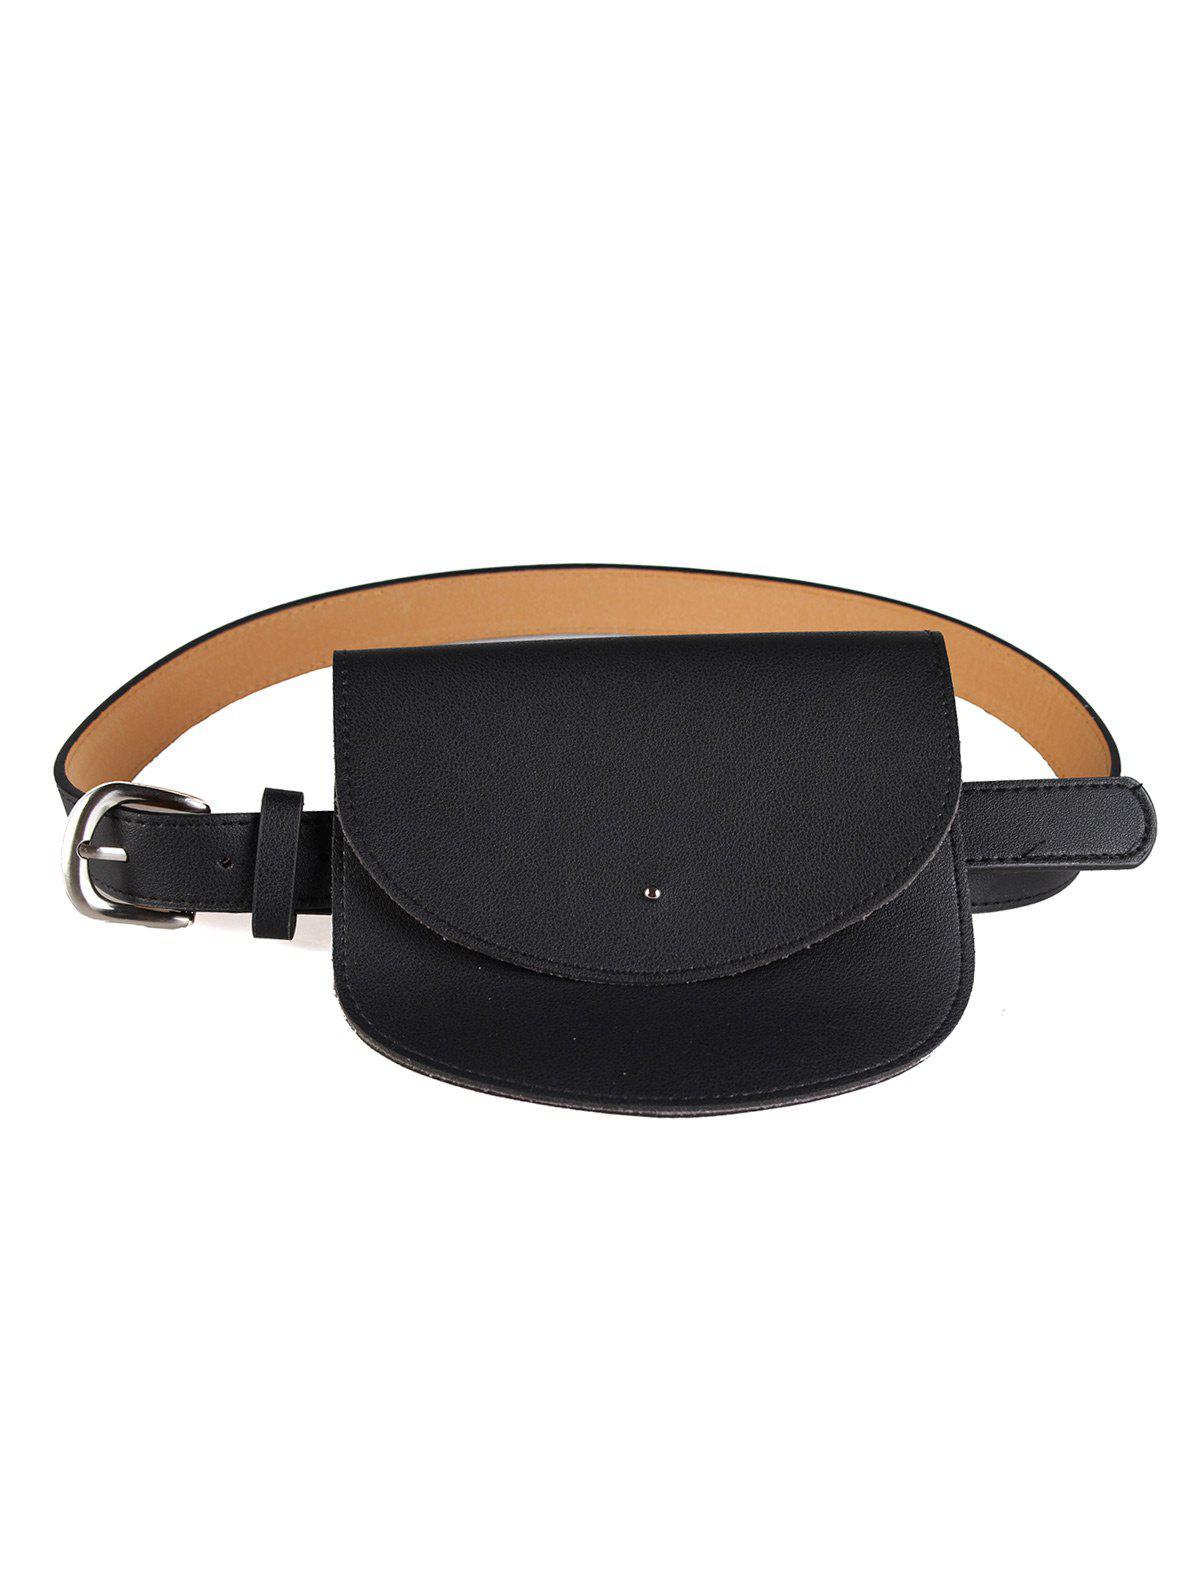 Mini Bag Decoration Faux Leather Waist Belt 244240501